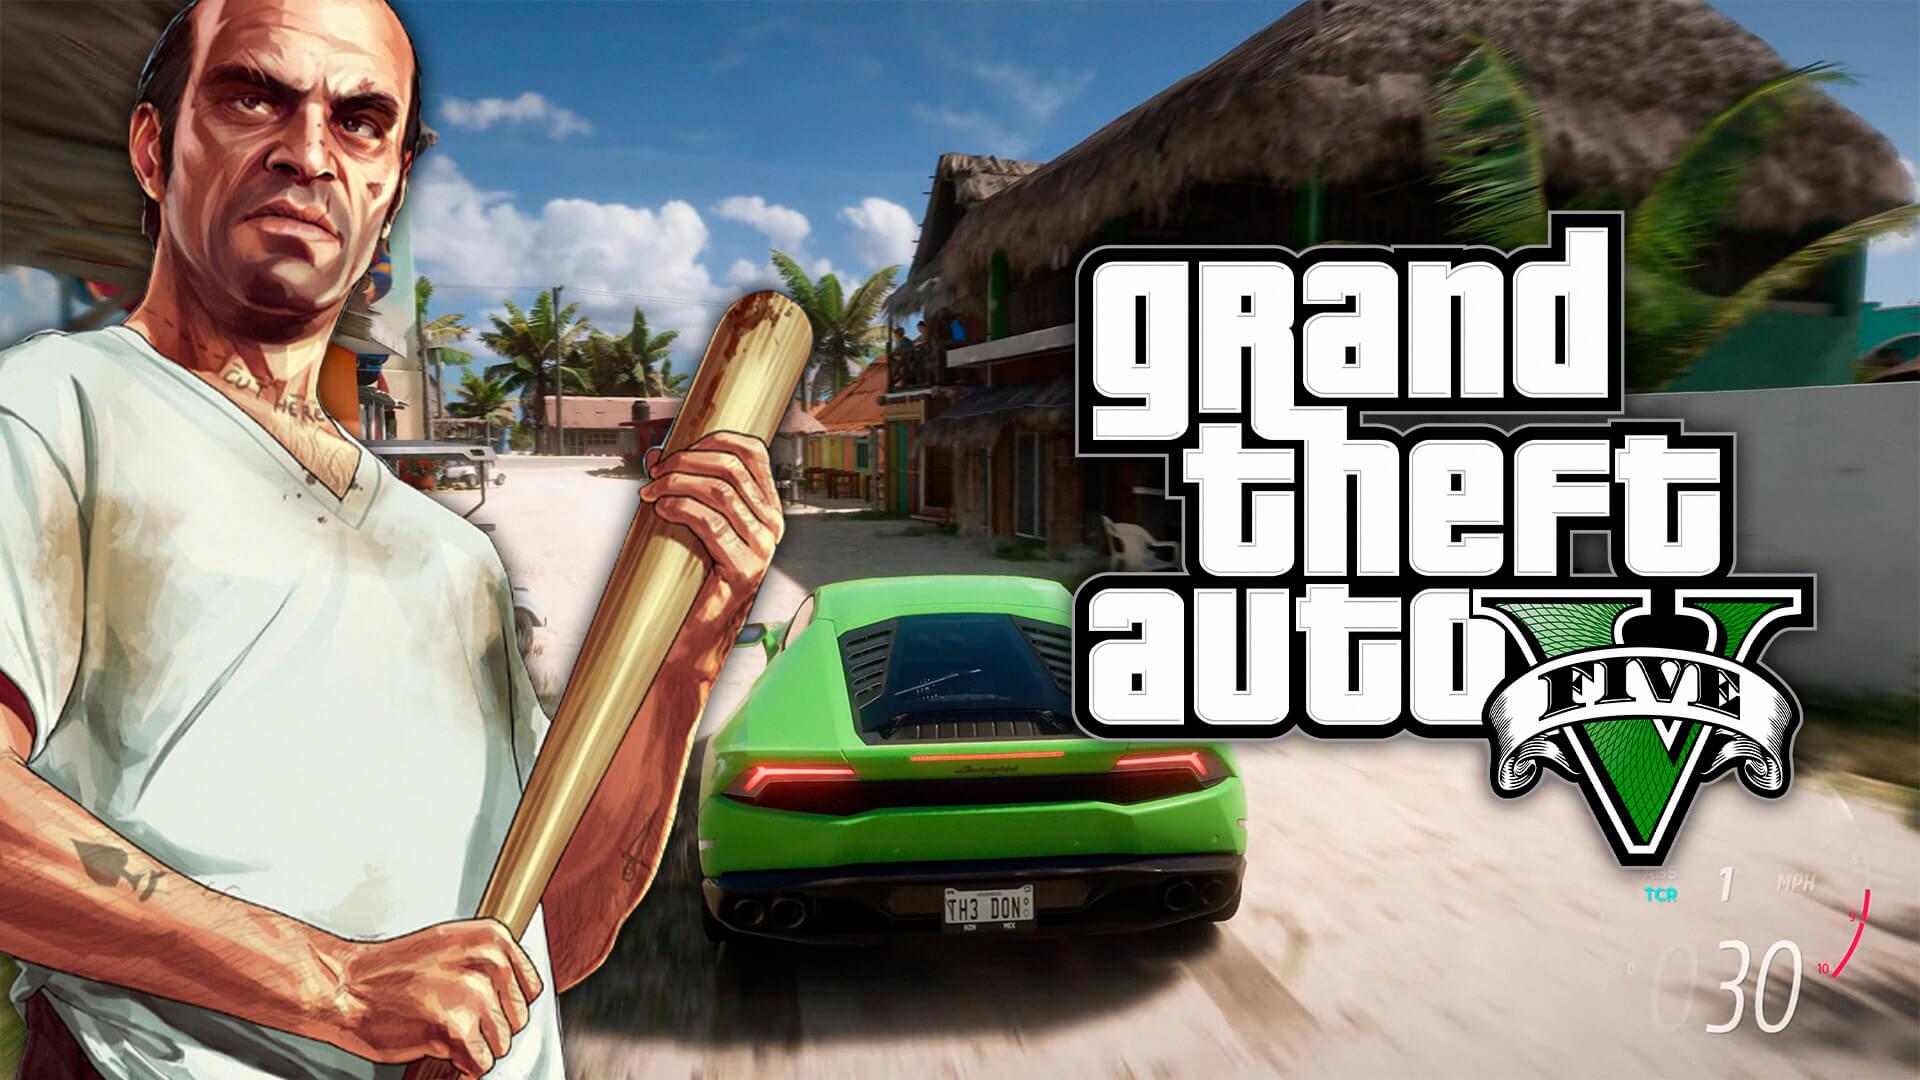 GTA 5 é um jogo bastante diferente de Forza Horizon 5, mas mesmo assim, tem algumas semelhanças com o título da Rockstar Games.